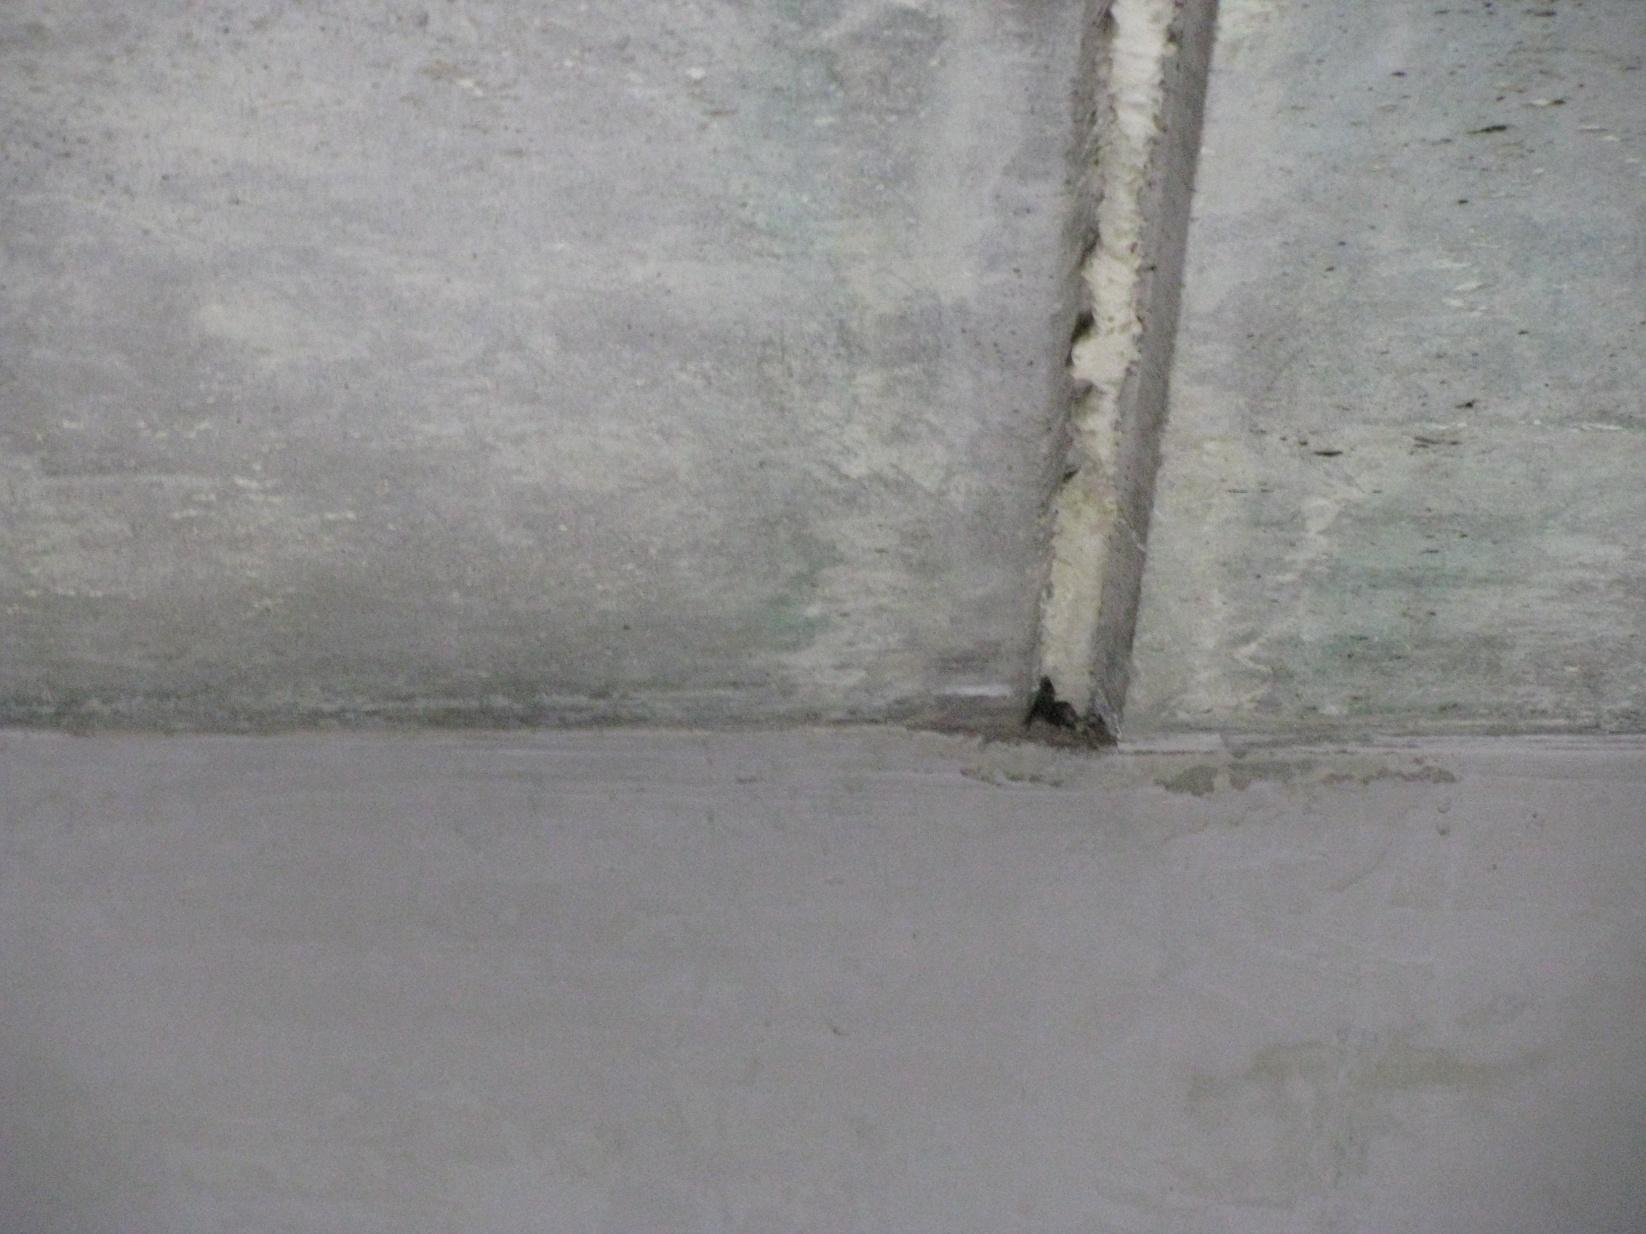 Как заделать швы между панелями на потолке: выбираем чем заделать швы между панелями, процесс работ